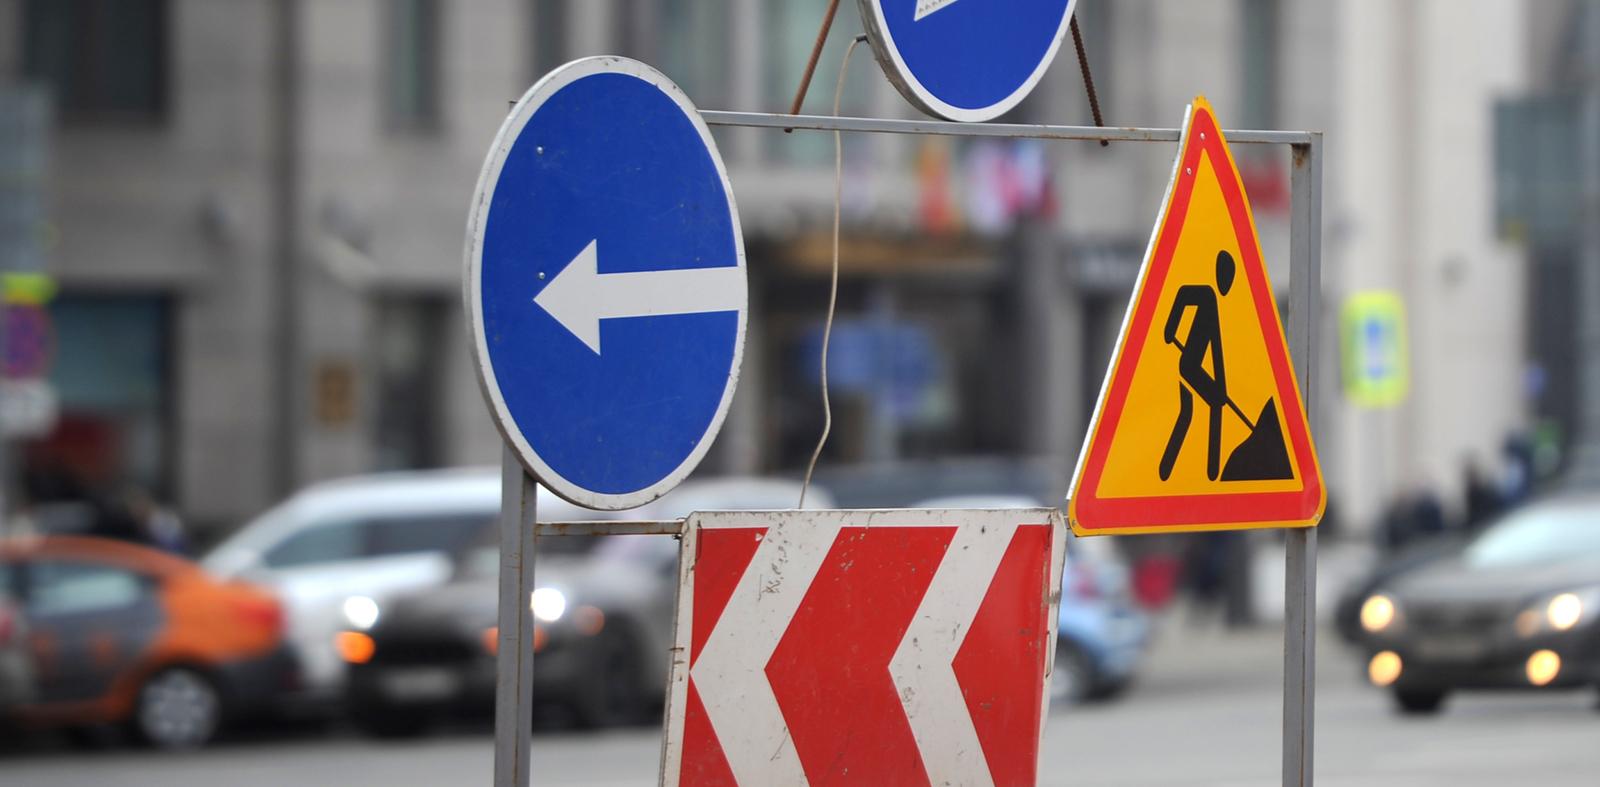 В Твери ограничат движение транспорта на нескольких улицах